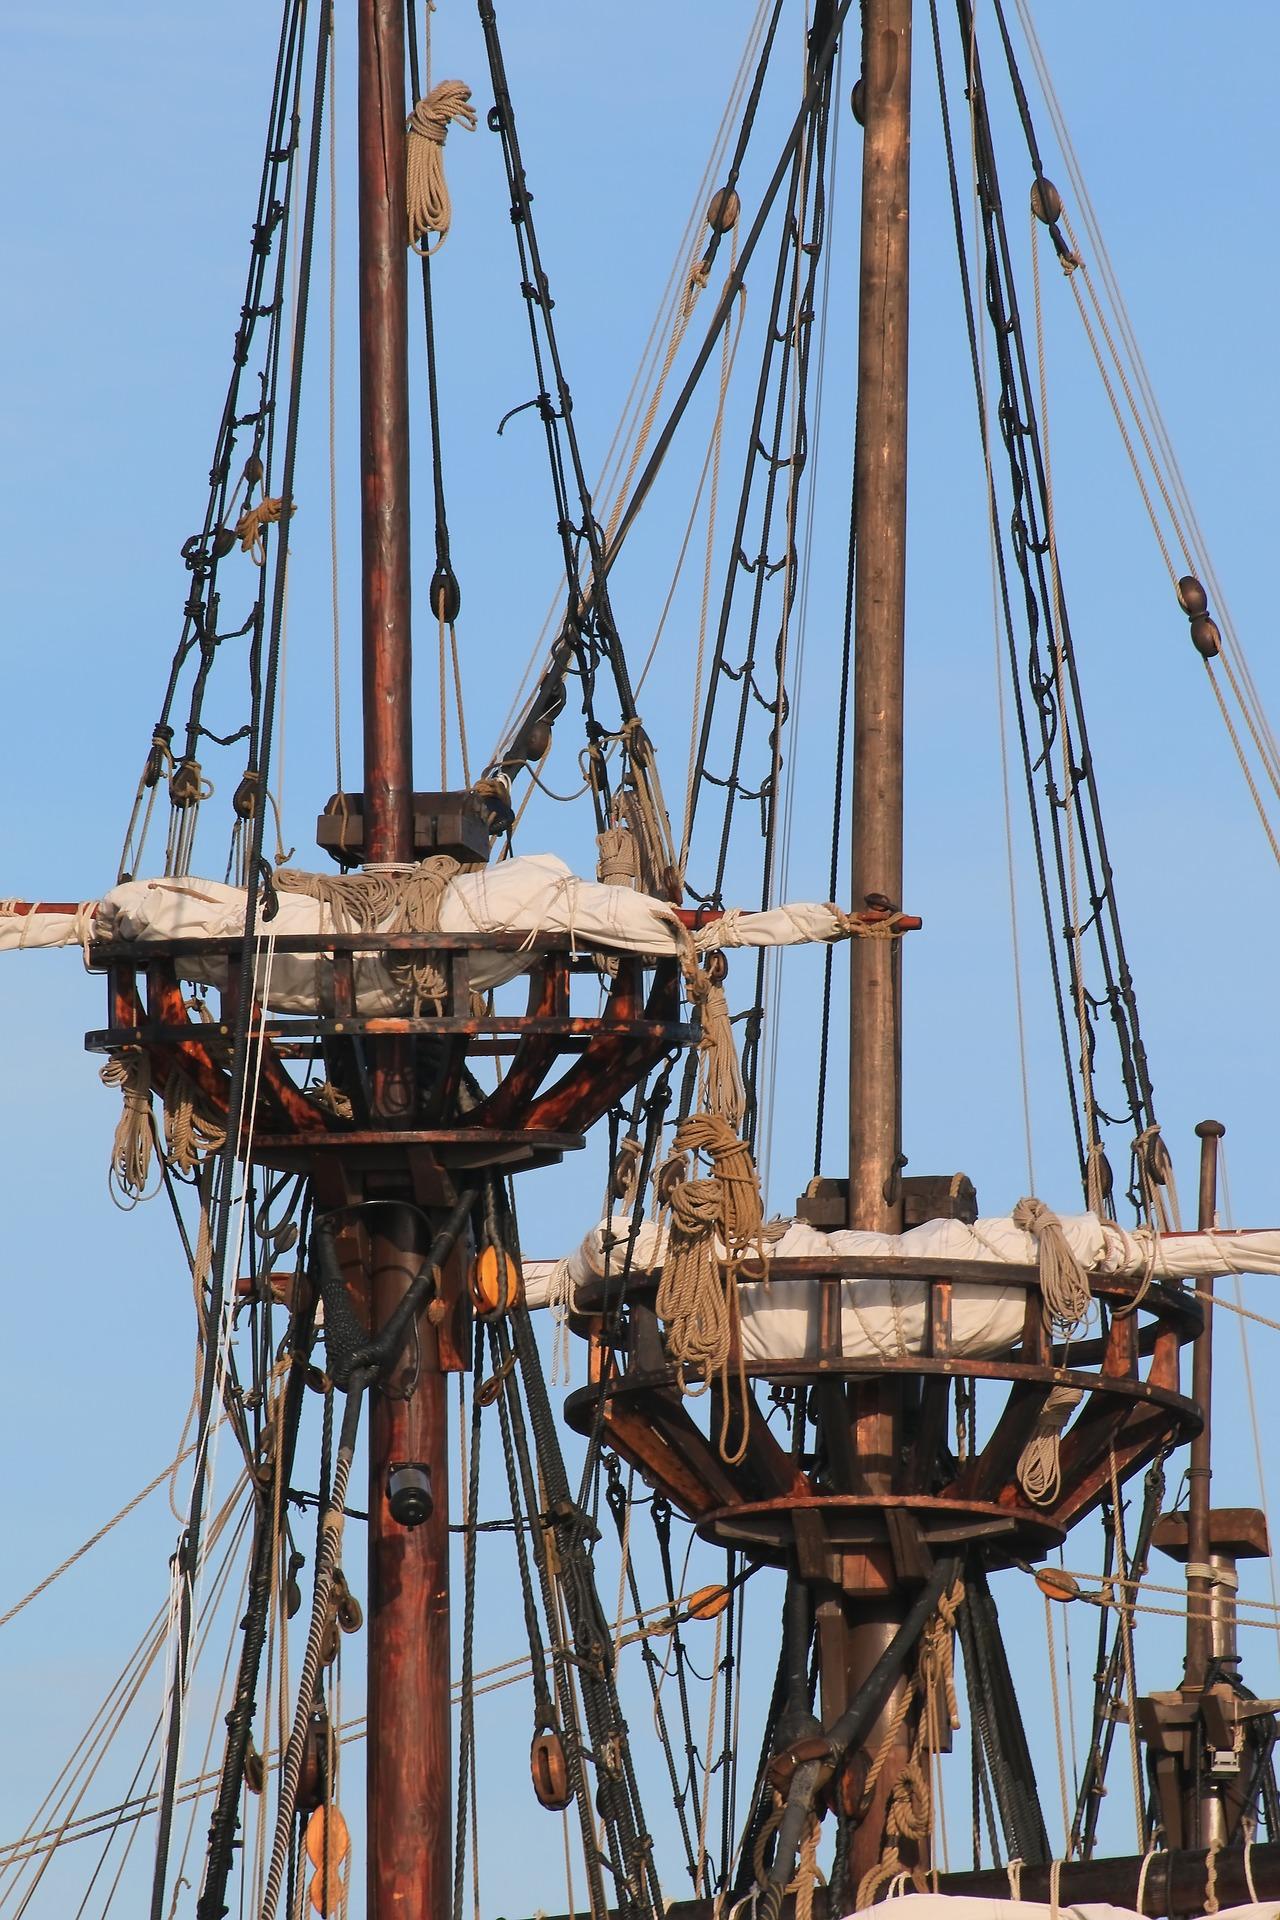 pirate-ship-2254096_1920.jpg